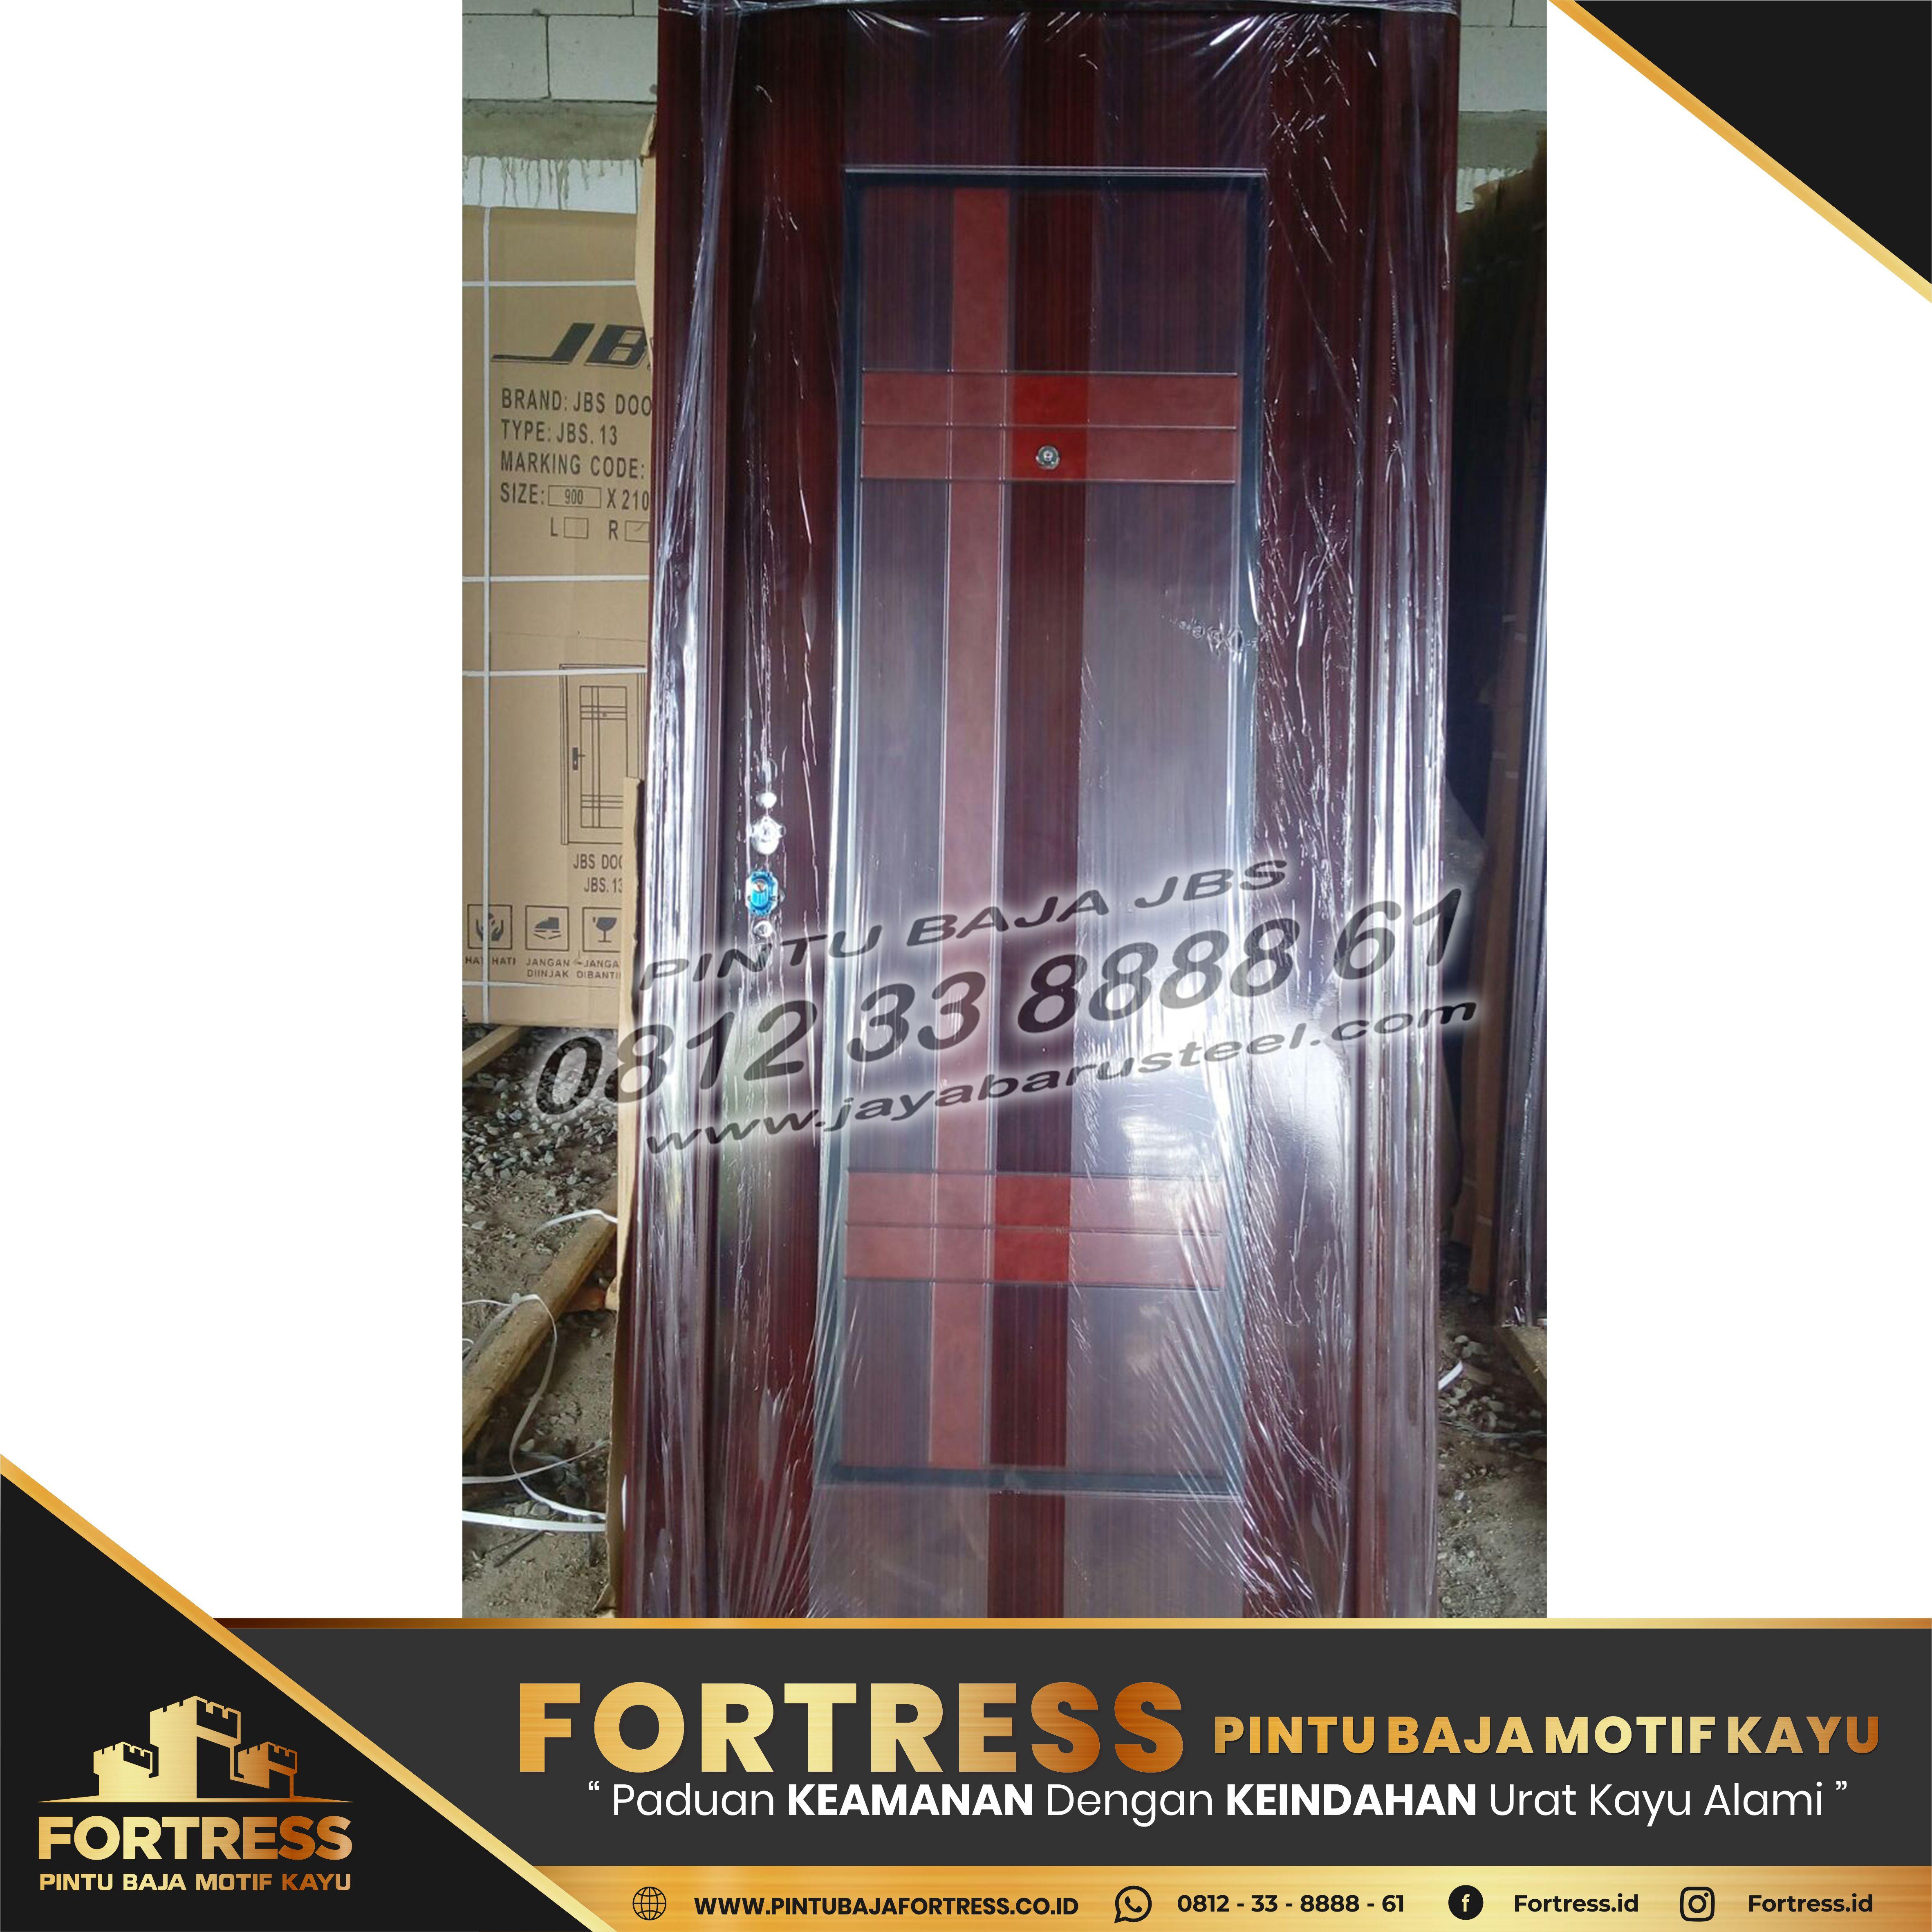 0812-91-6261-07 (FORTRESS) Pontianak Steel Door Frame, Solid …